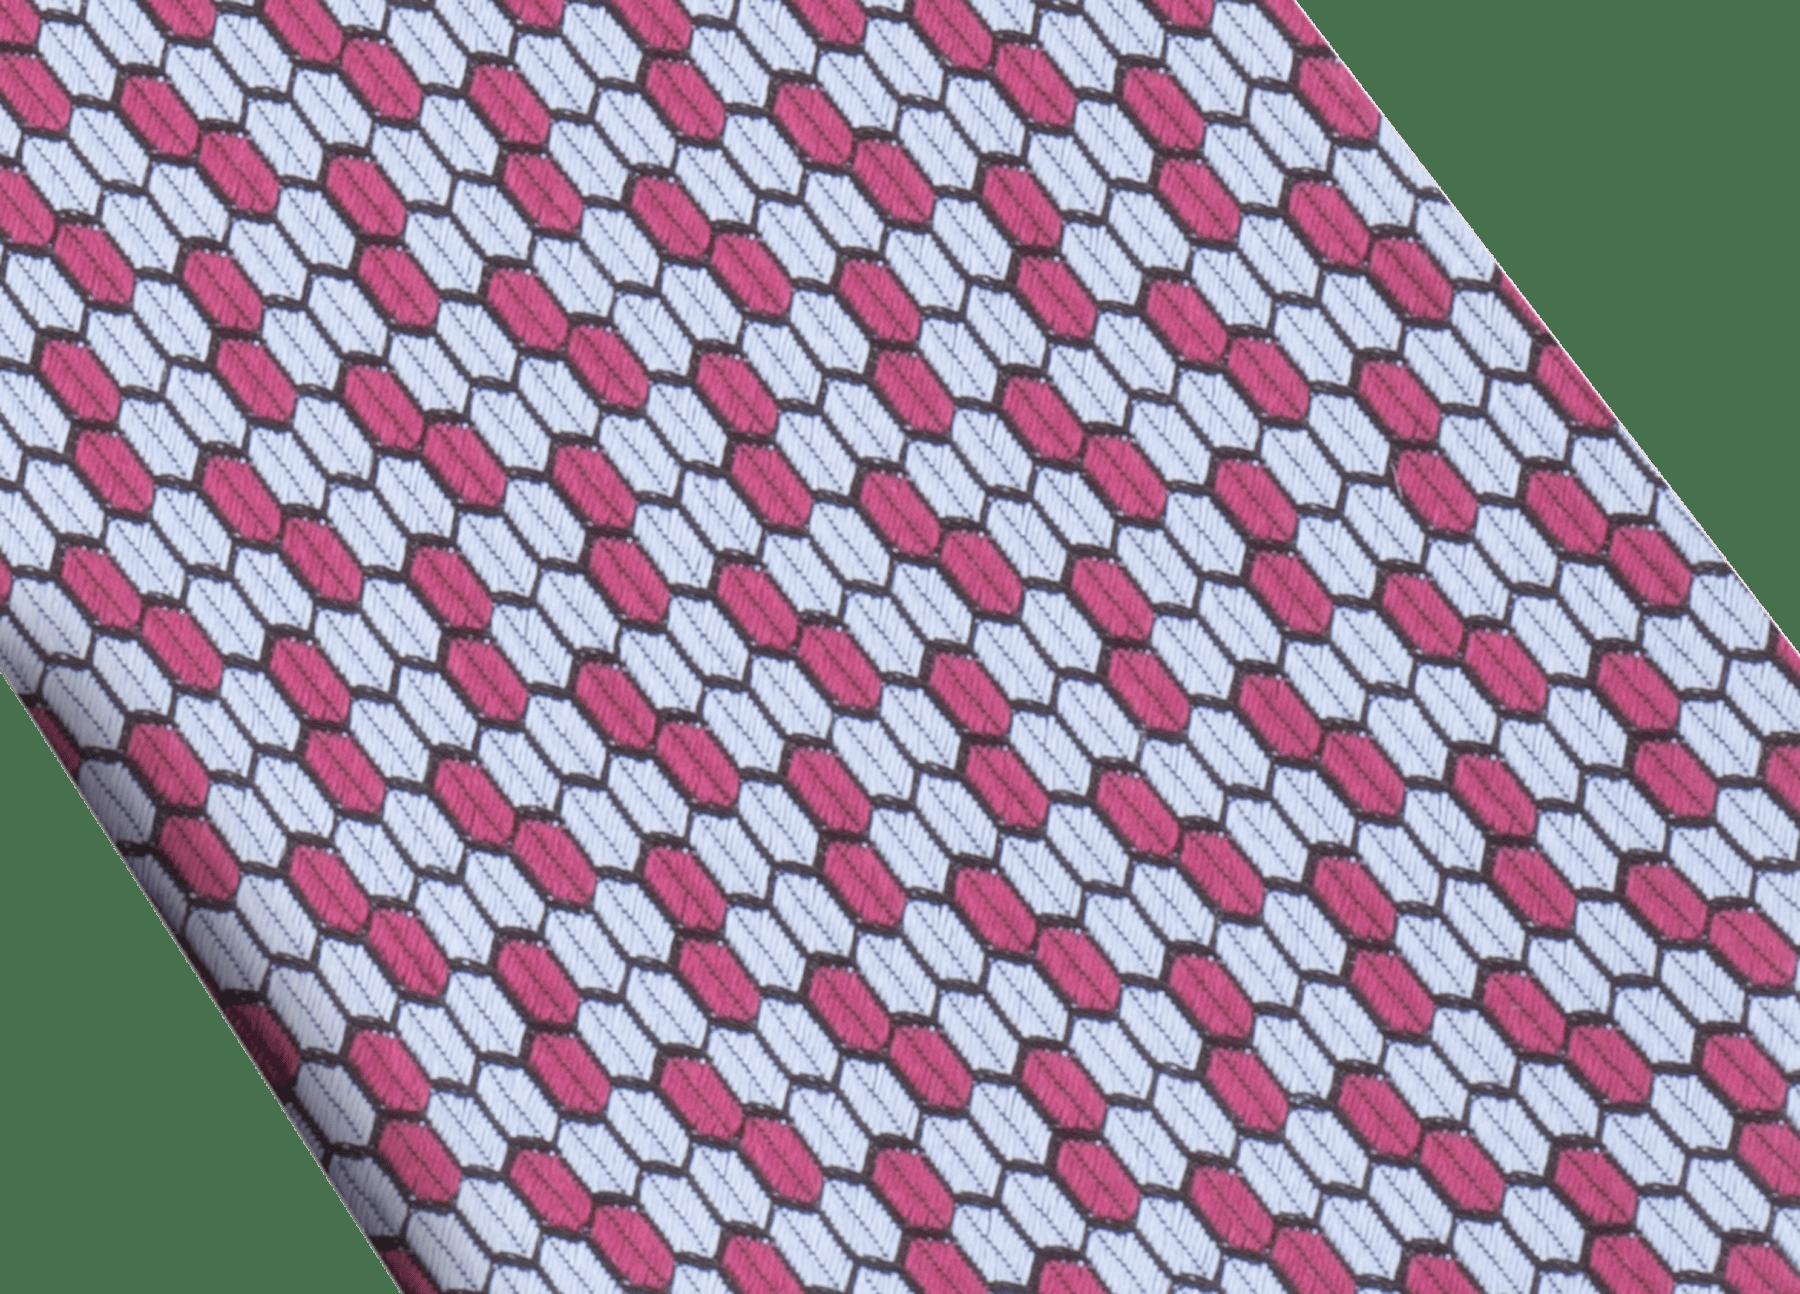 ネイビーのダブル マルチスケール ネクタイ。上質なジャカードシルク製。 DoubleMultiScalesa image 2